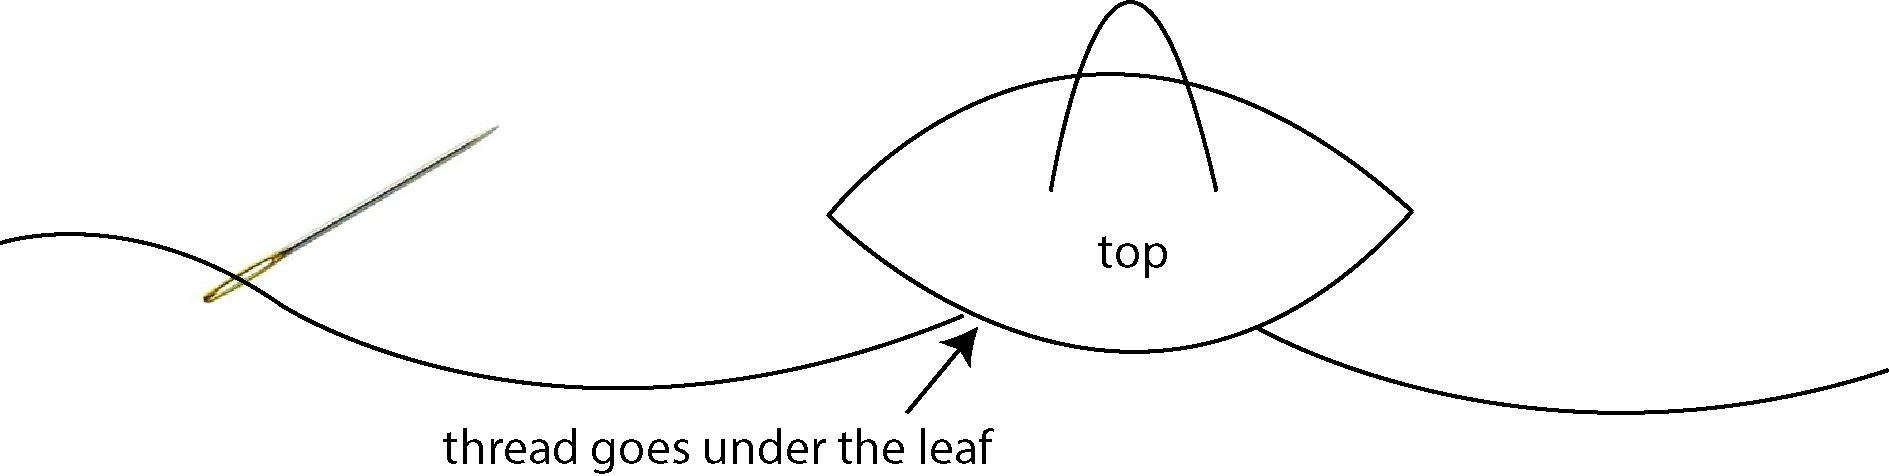 leaf_diagram.jpg